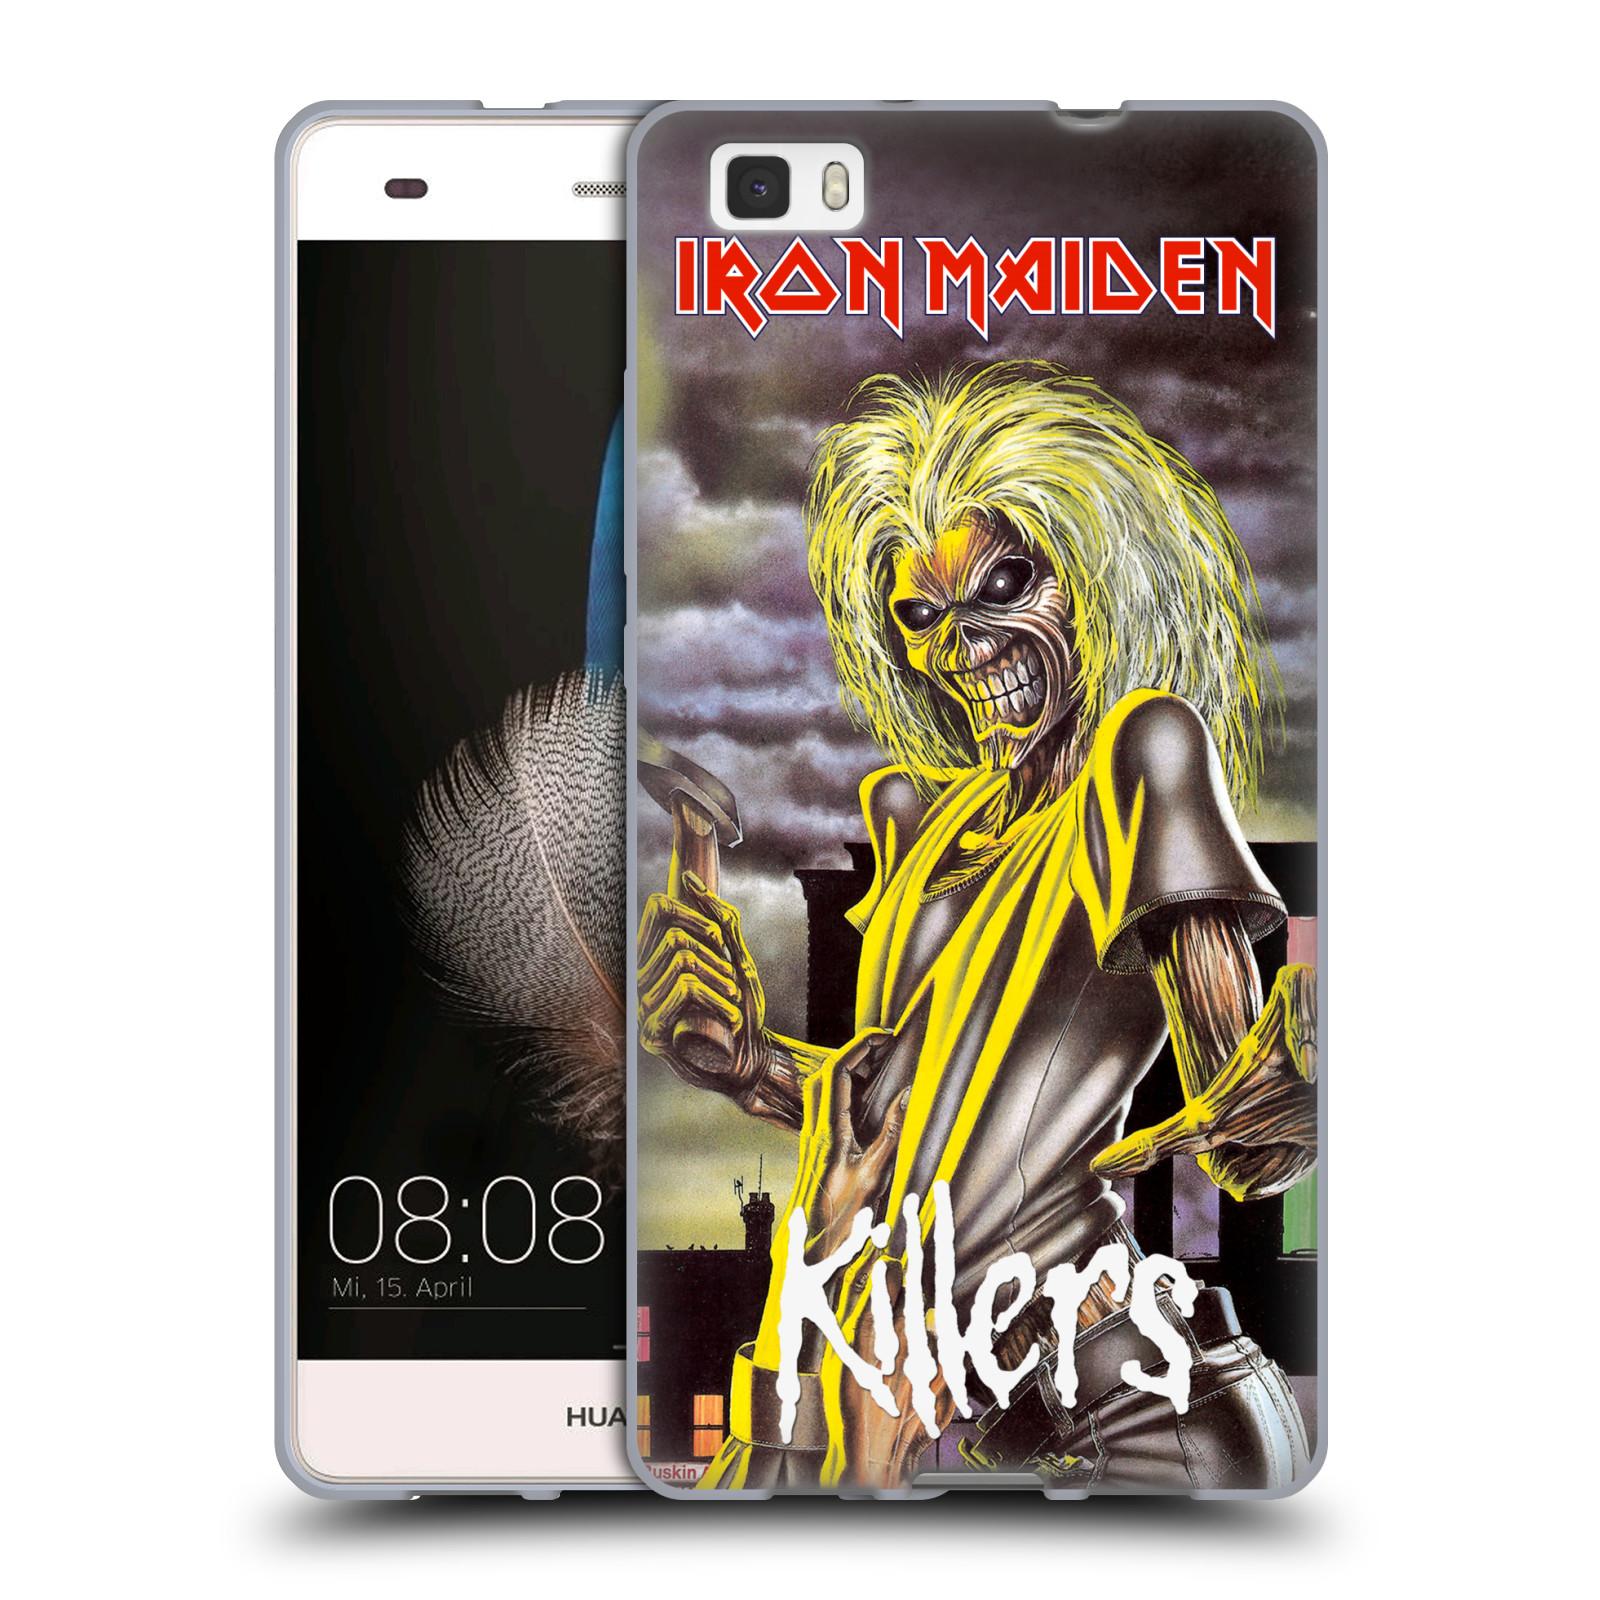 Silikonové pouzdro na mobil Huawei P8 Lite HEAD CASE - Iron Maiden - Killers